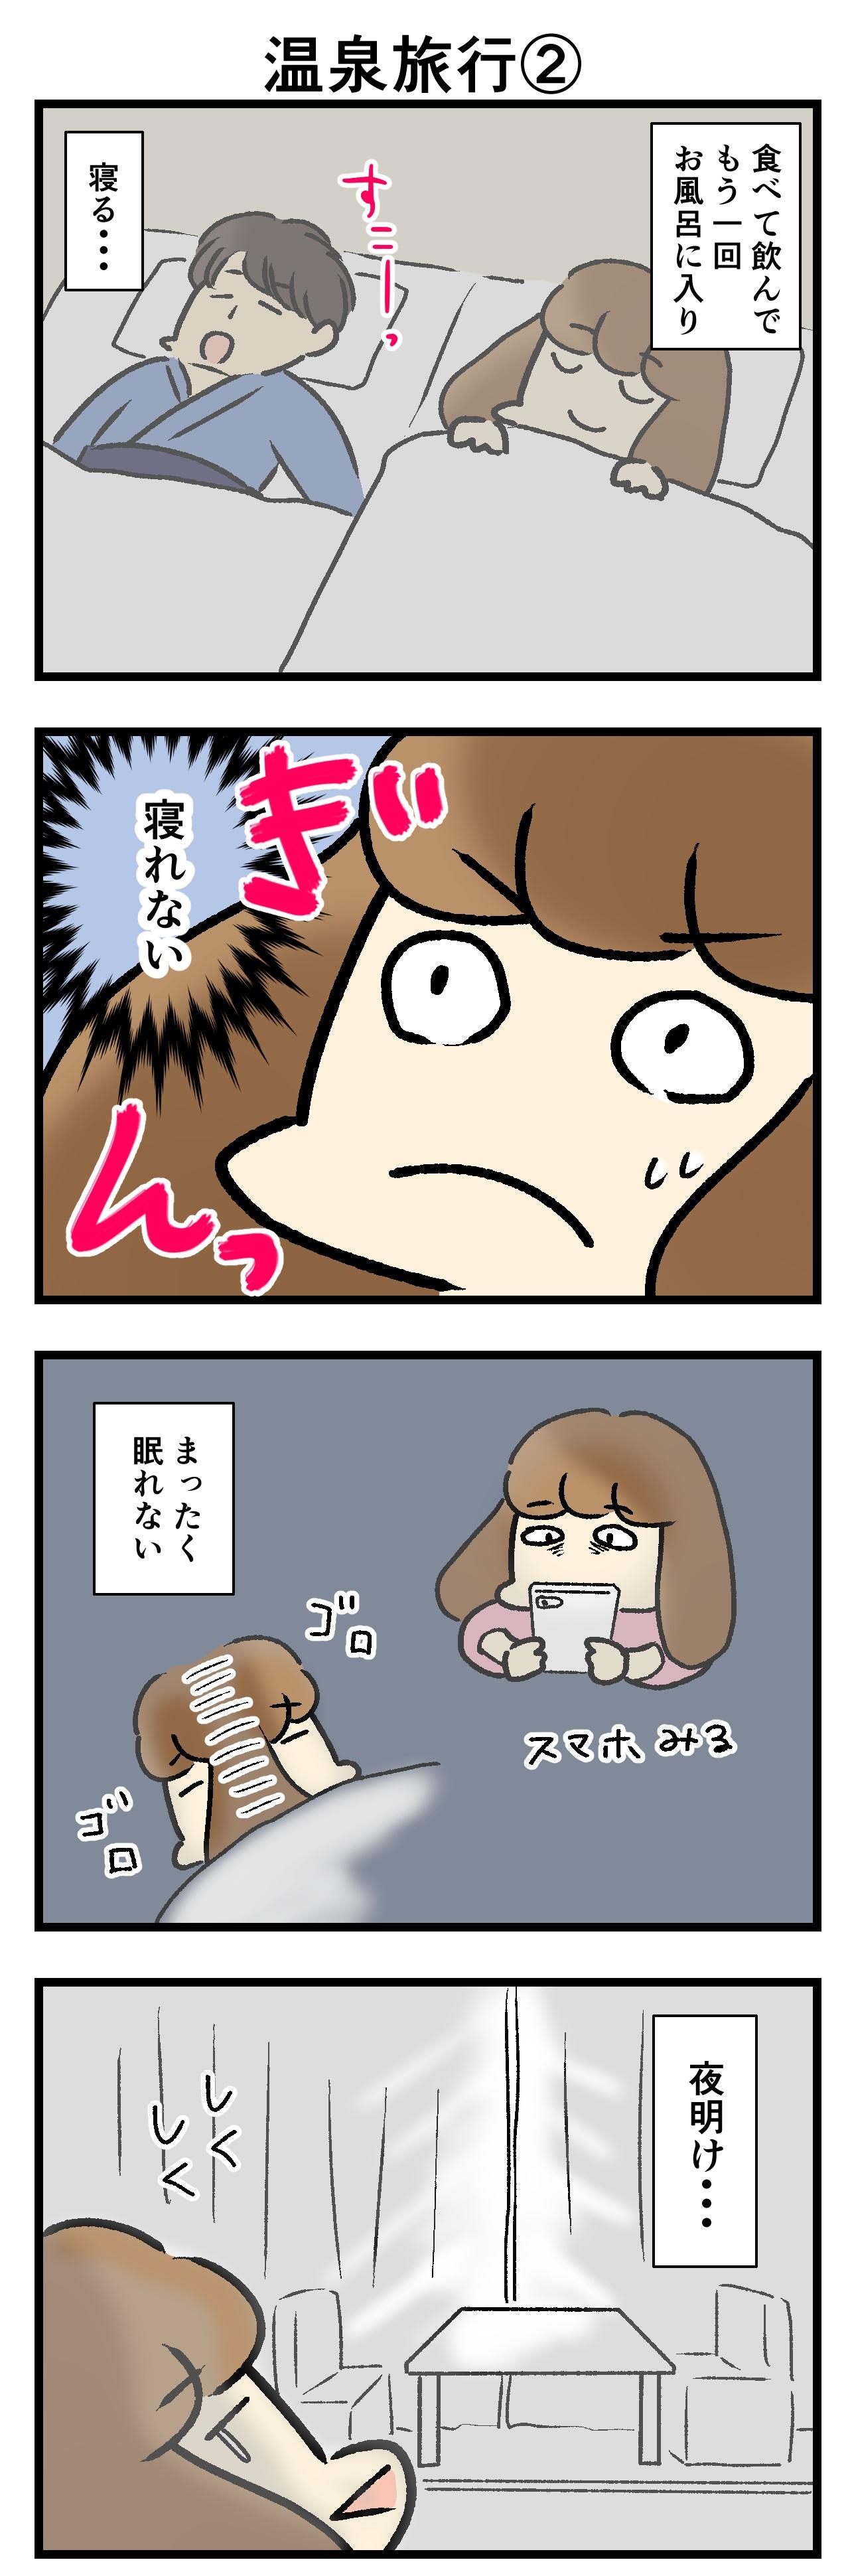 【エッセイ漫画】アラサー主婦くま子のふがいない日常(128)